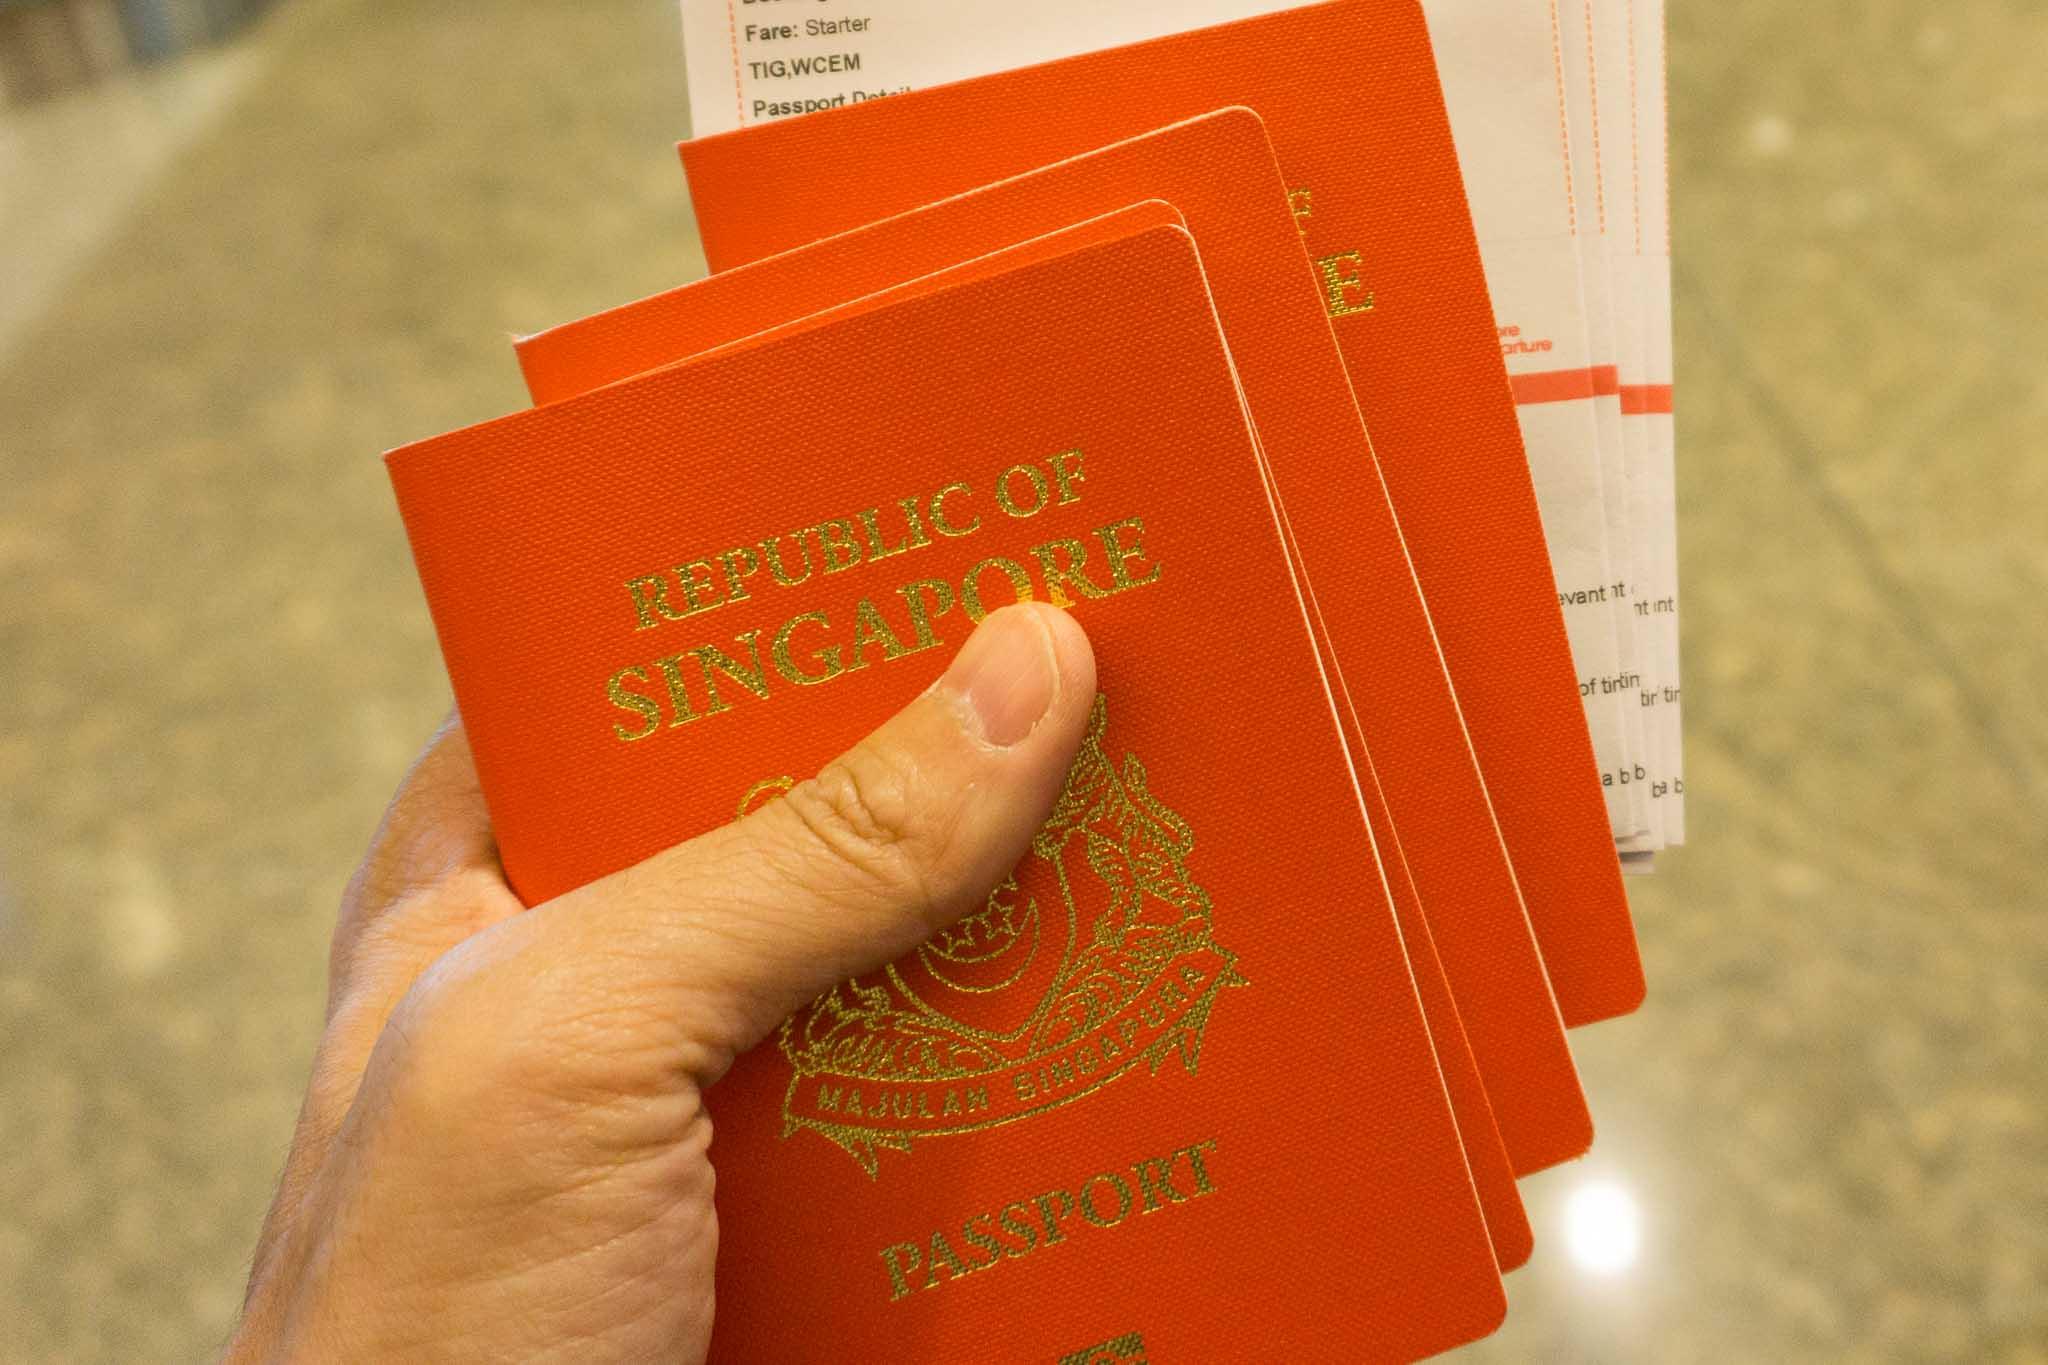 Singapore trở thành 1 trong 2 quốc gia có passport quyền lực nhất thế giới